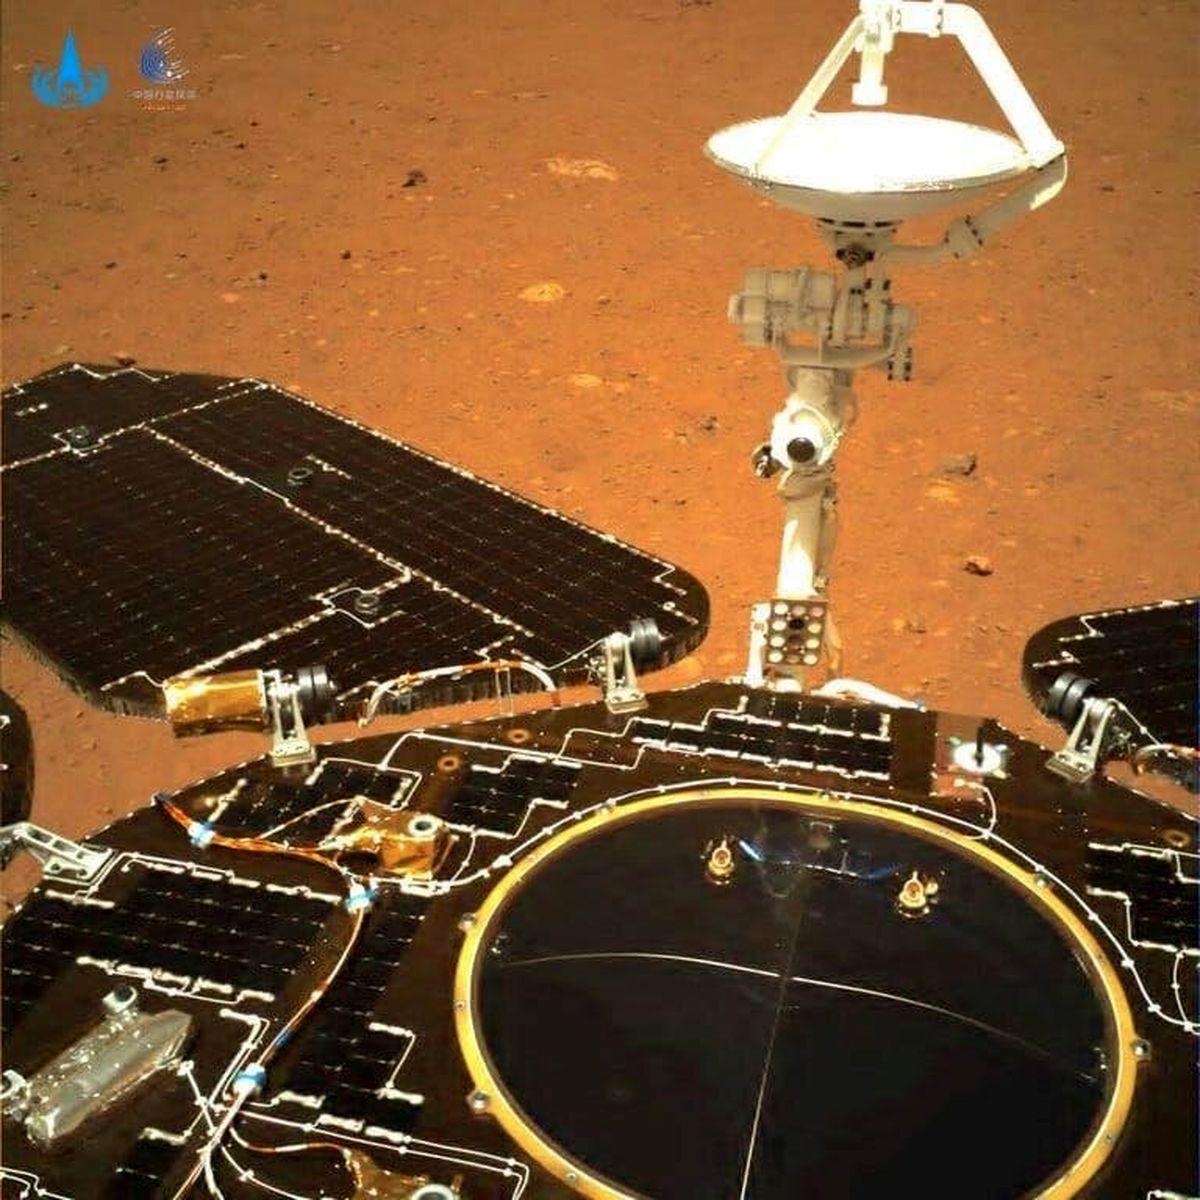 تصاویر جدید و شگفت انگیز از فضانورد مریخ نورد